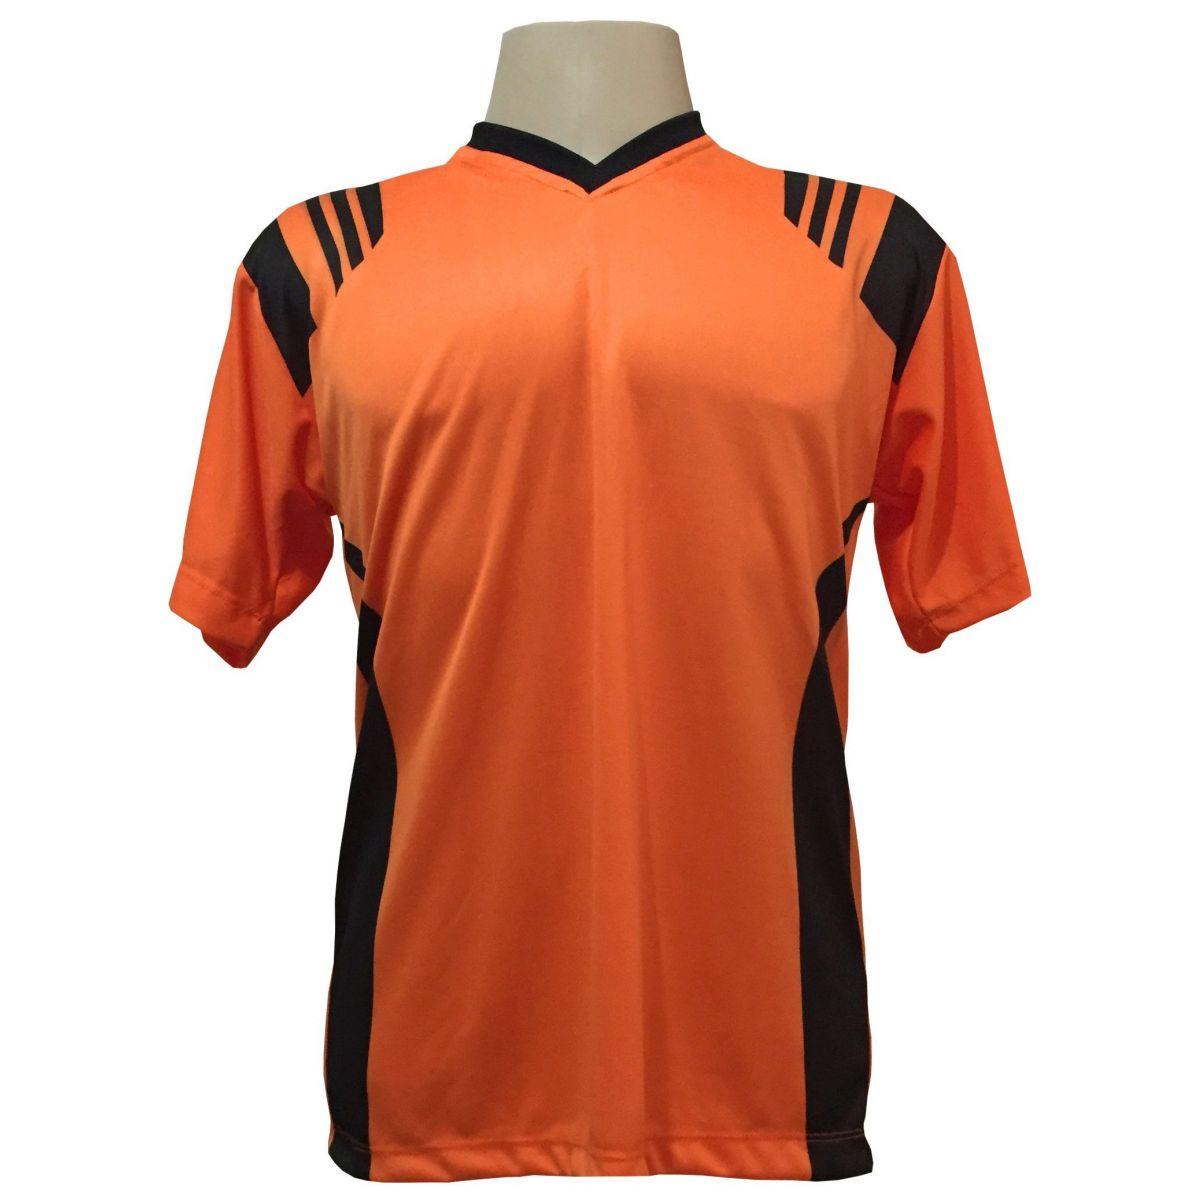 Jogo de Camisa com 12 unidades modelo Roma Laranja/Preto + 1 Goleiro + Brindes